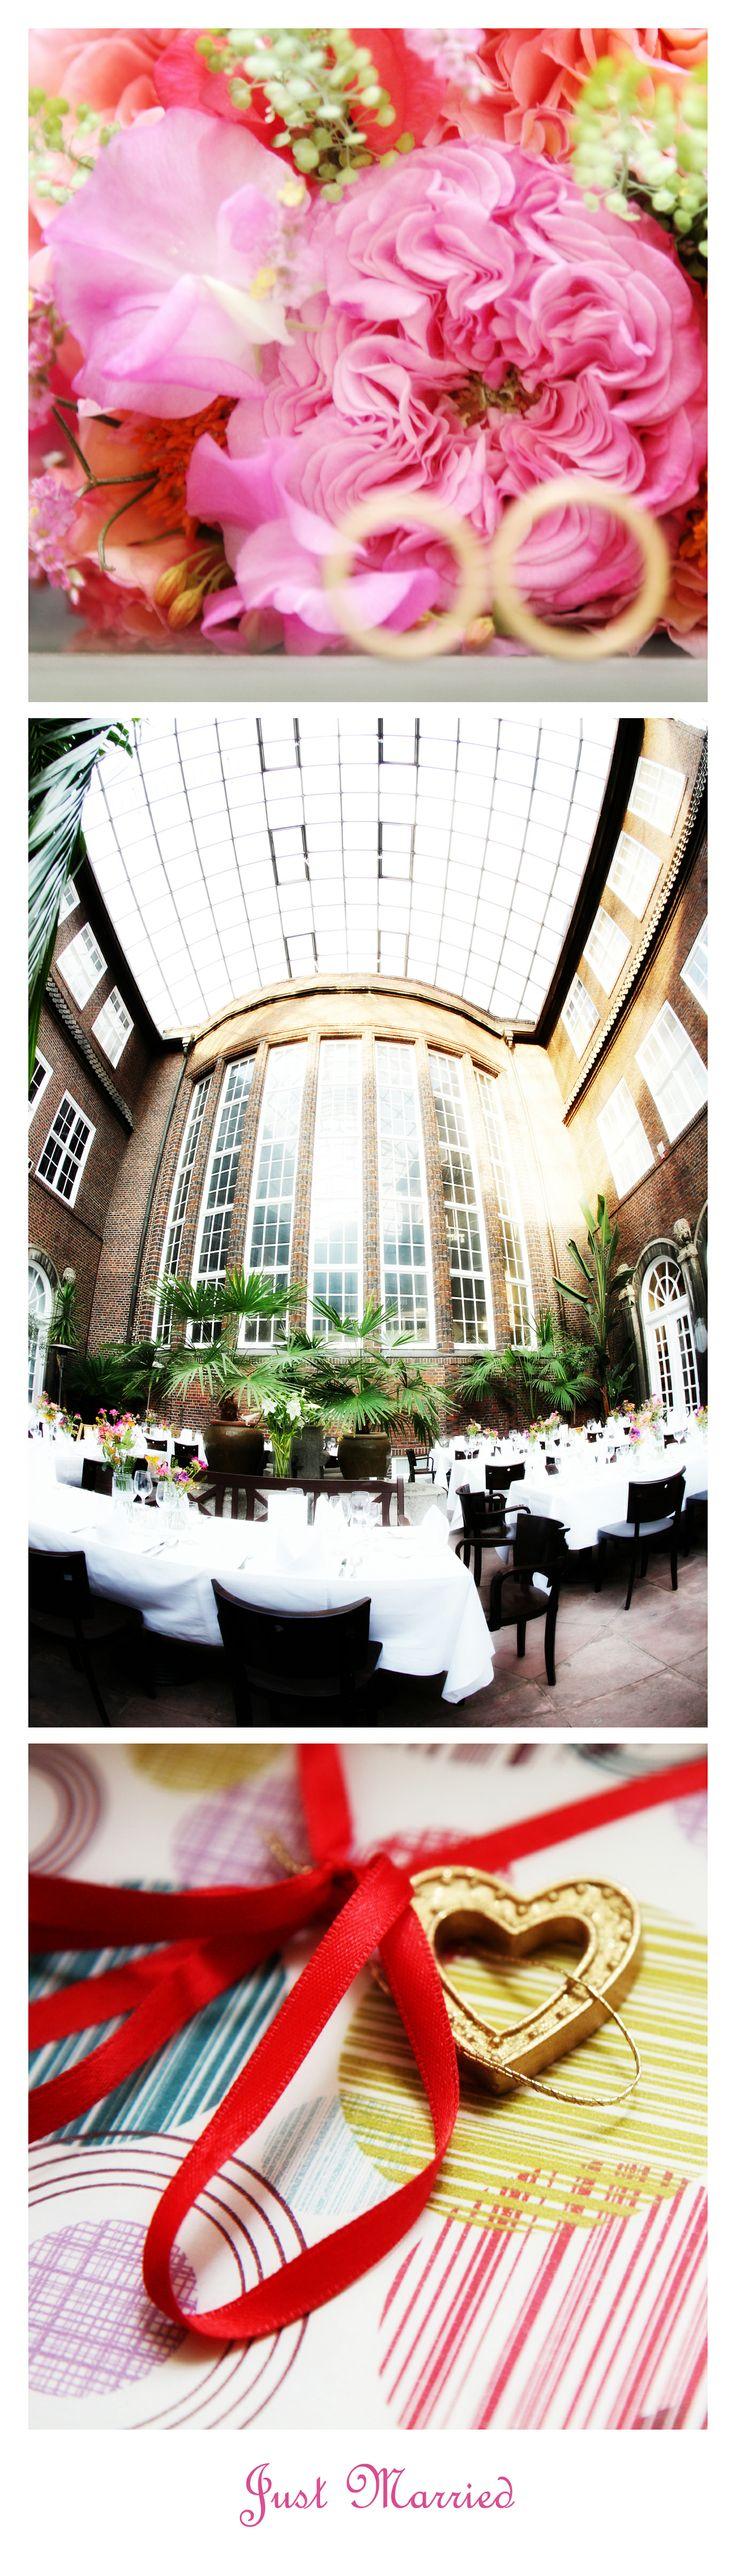 Hochzeitsfotograf | Fotografin Hamburg | Hochzeit | Fotografie | Brautstrauß | Just married | Cafe Fees Hamburg | Himmelreich Fotografie | www.himmelreich-fotografie.de